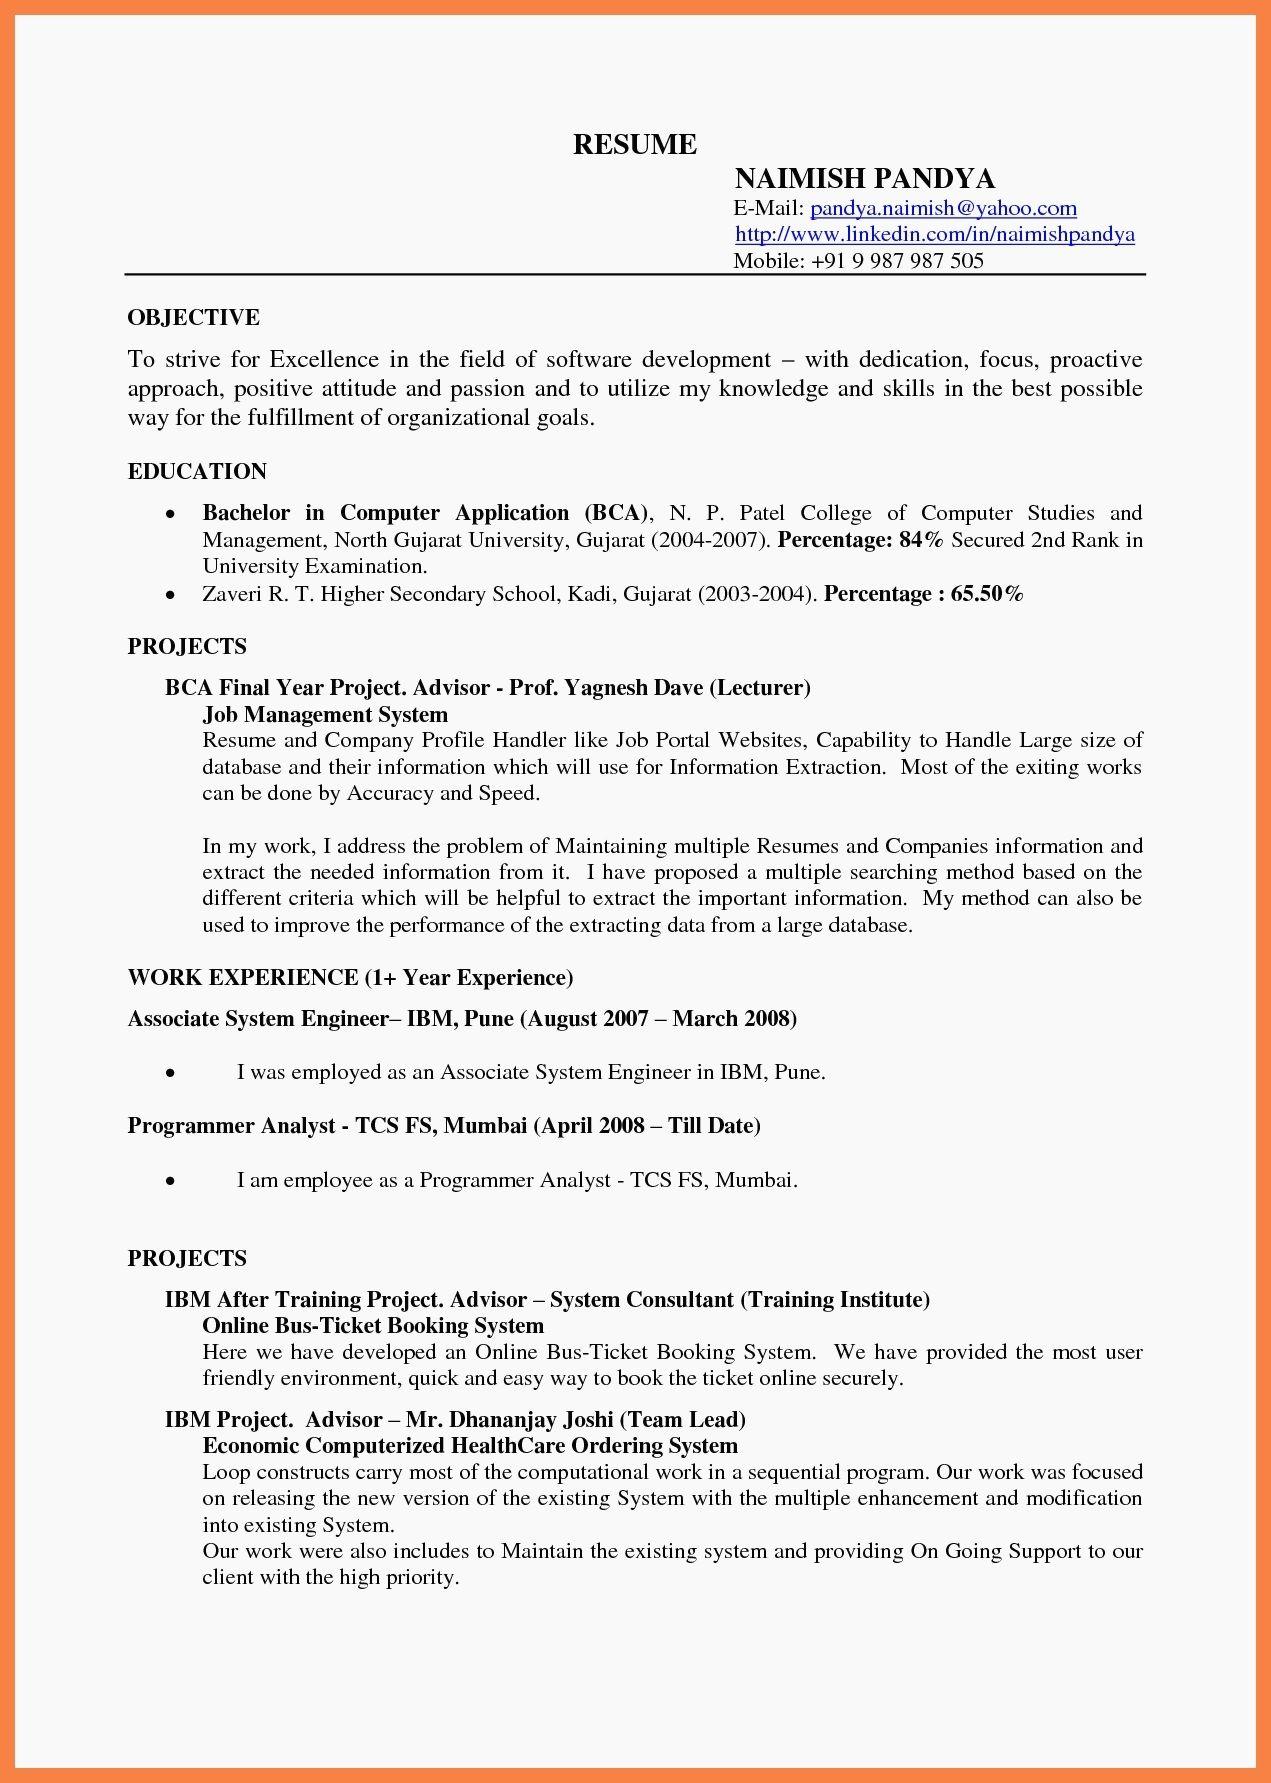 Resume Templates Drive Resume Templates Vorlagen Lebenslauf Lebenslauf Anschreiben